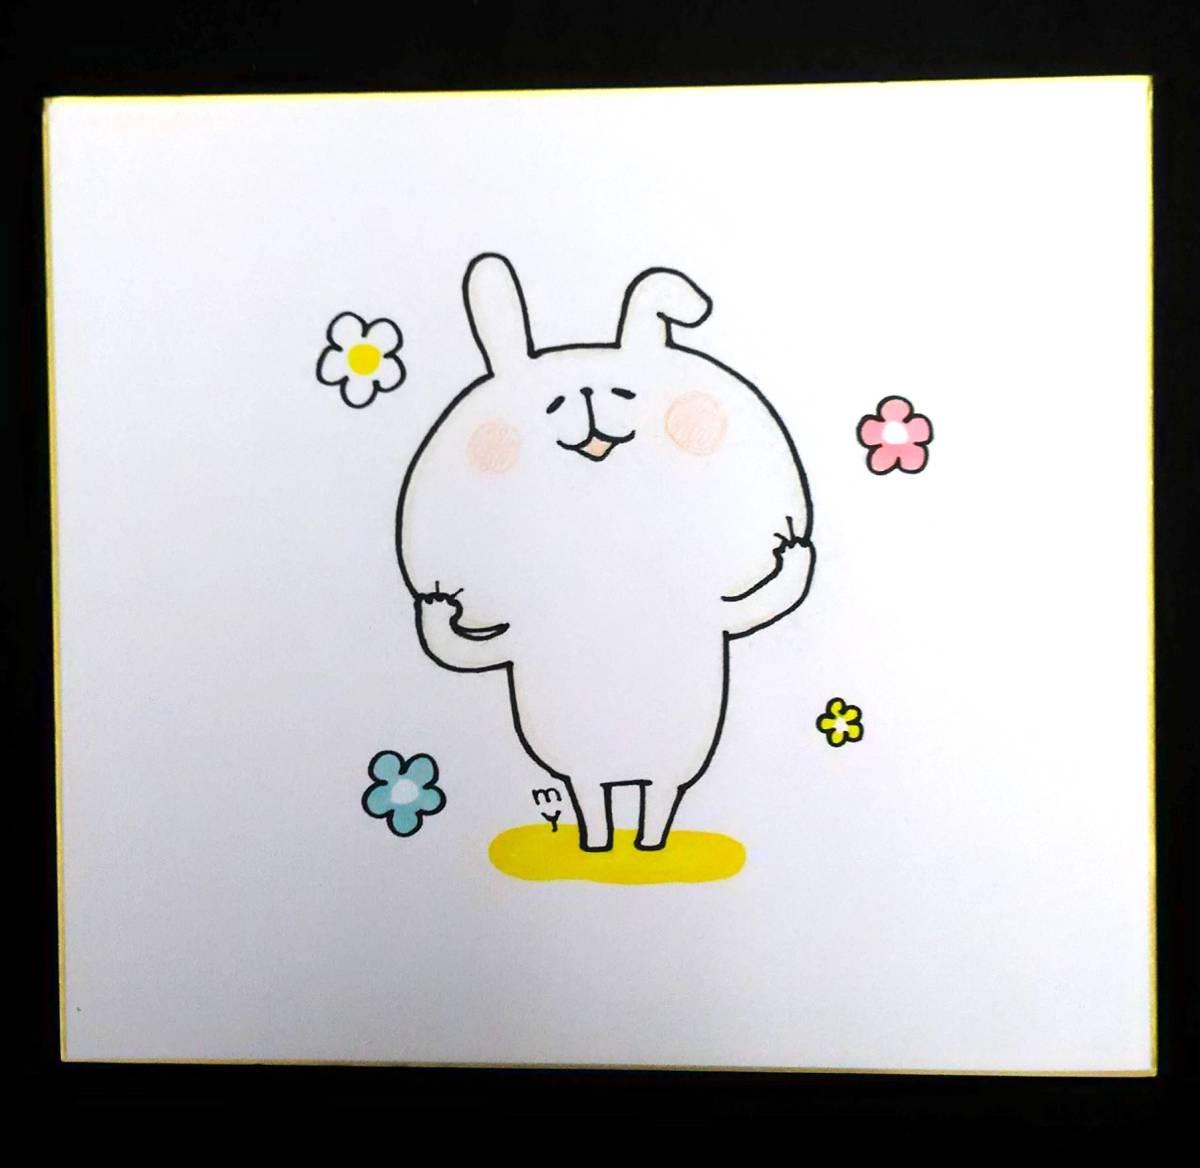 [チャリティ]★☆myさん直筆イラストサイン色紙1☆★